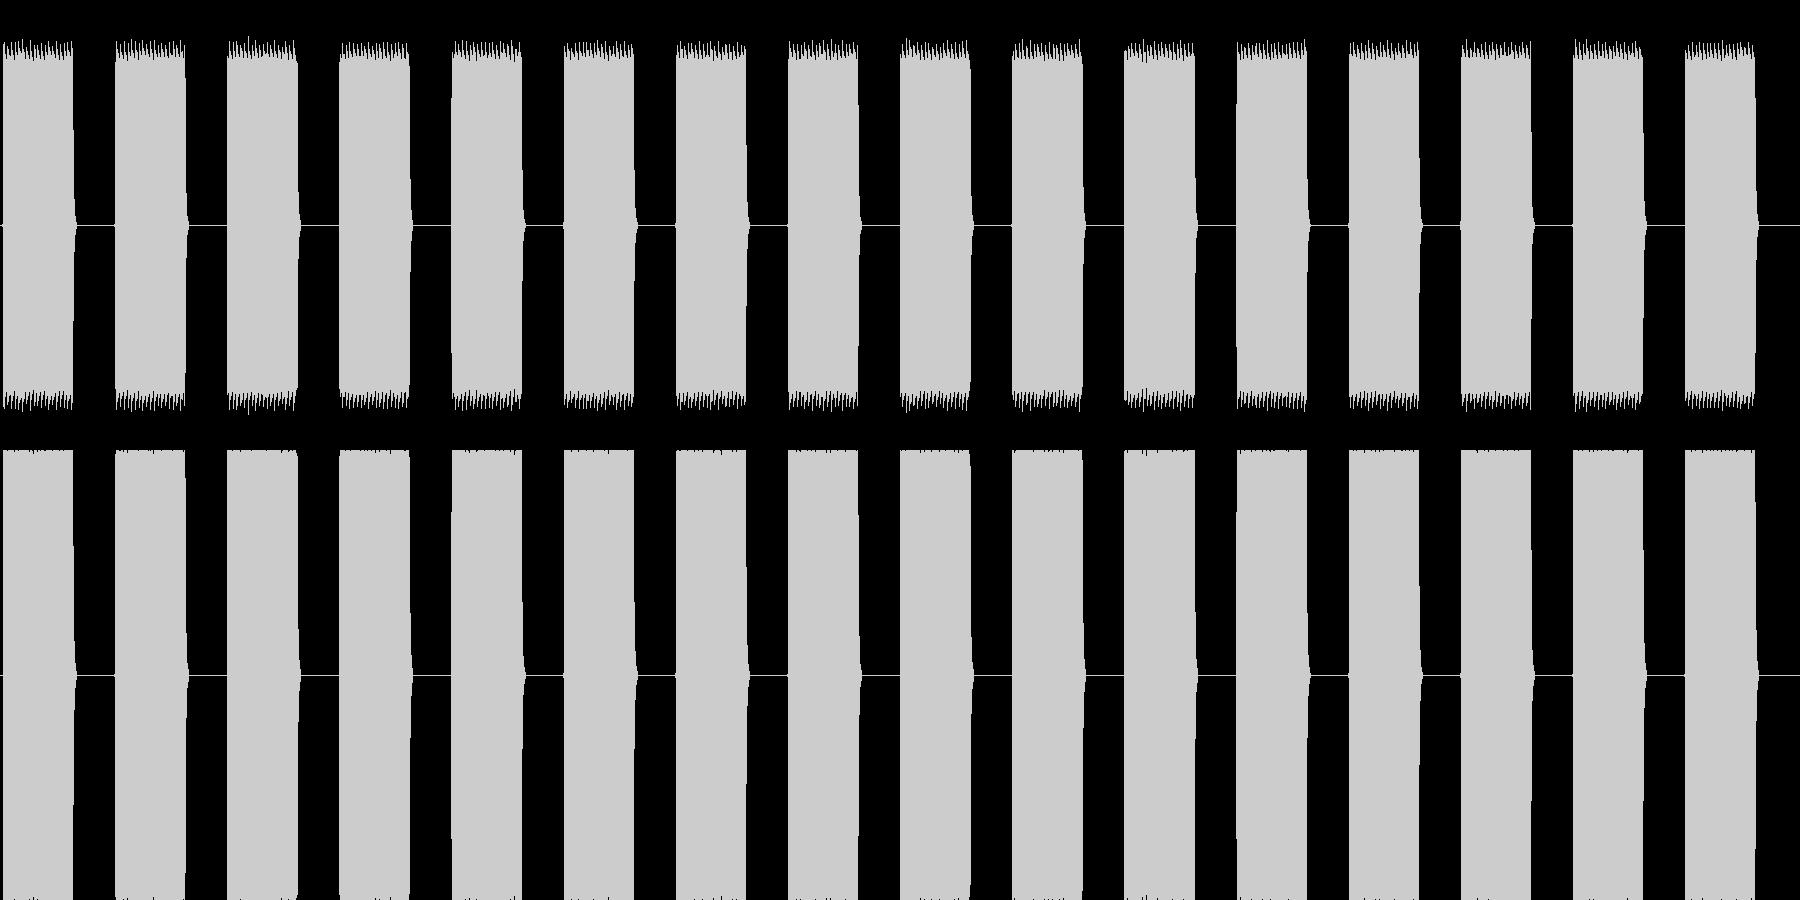 プーップーッ(大型車のバックのアラート)の未再生の波形